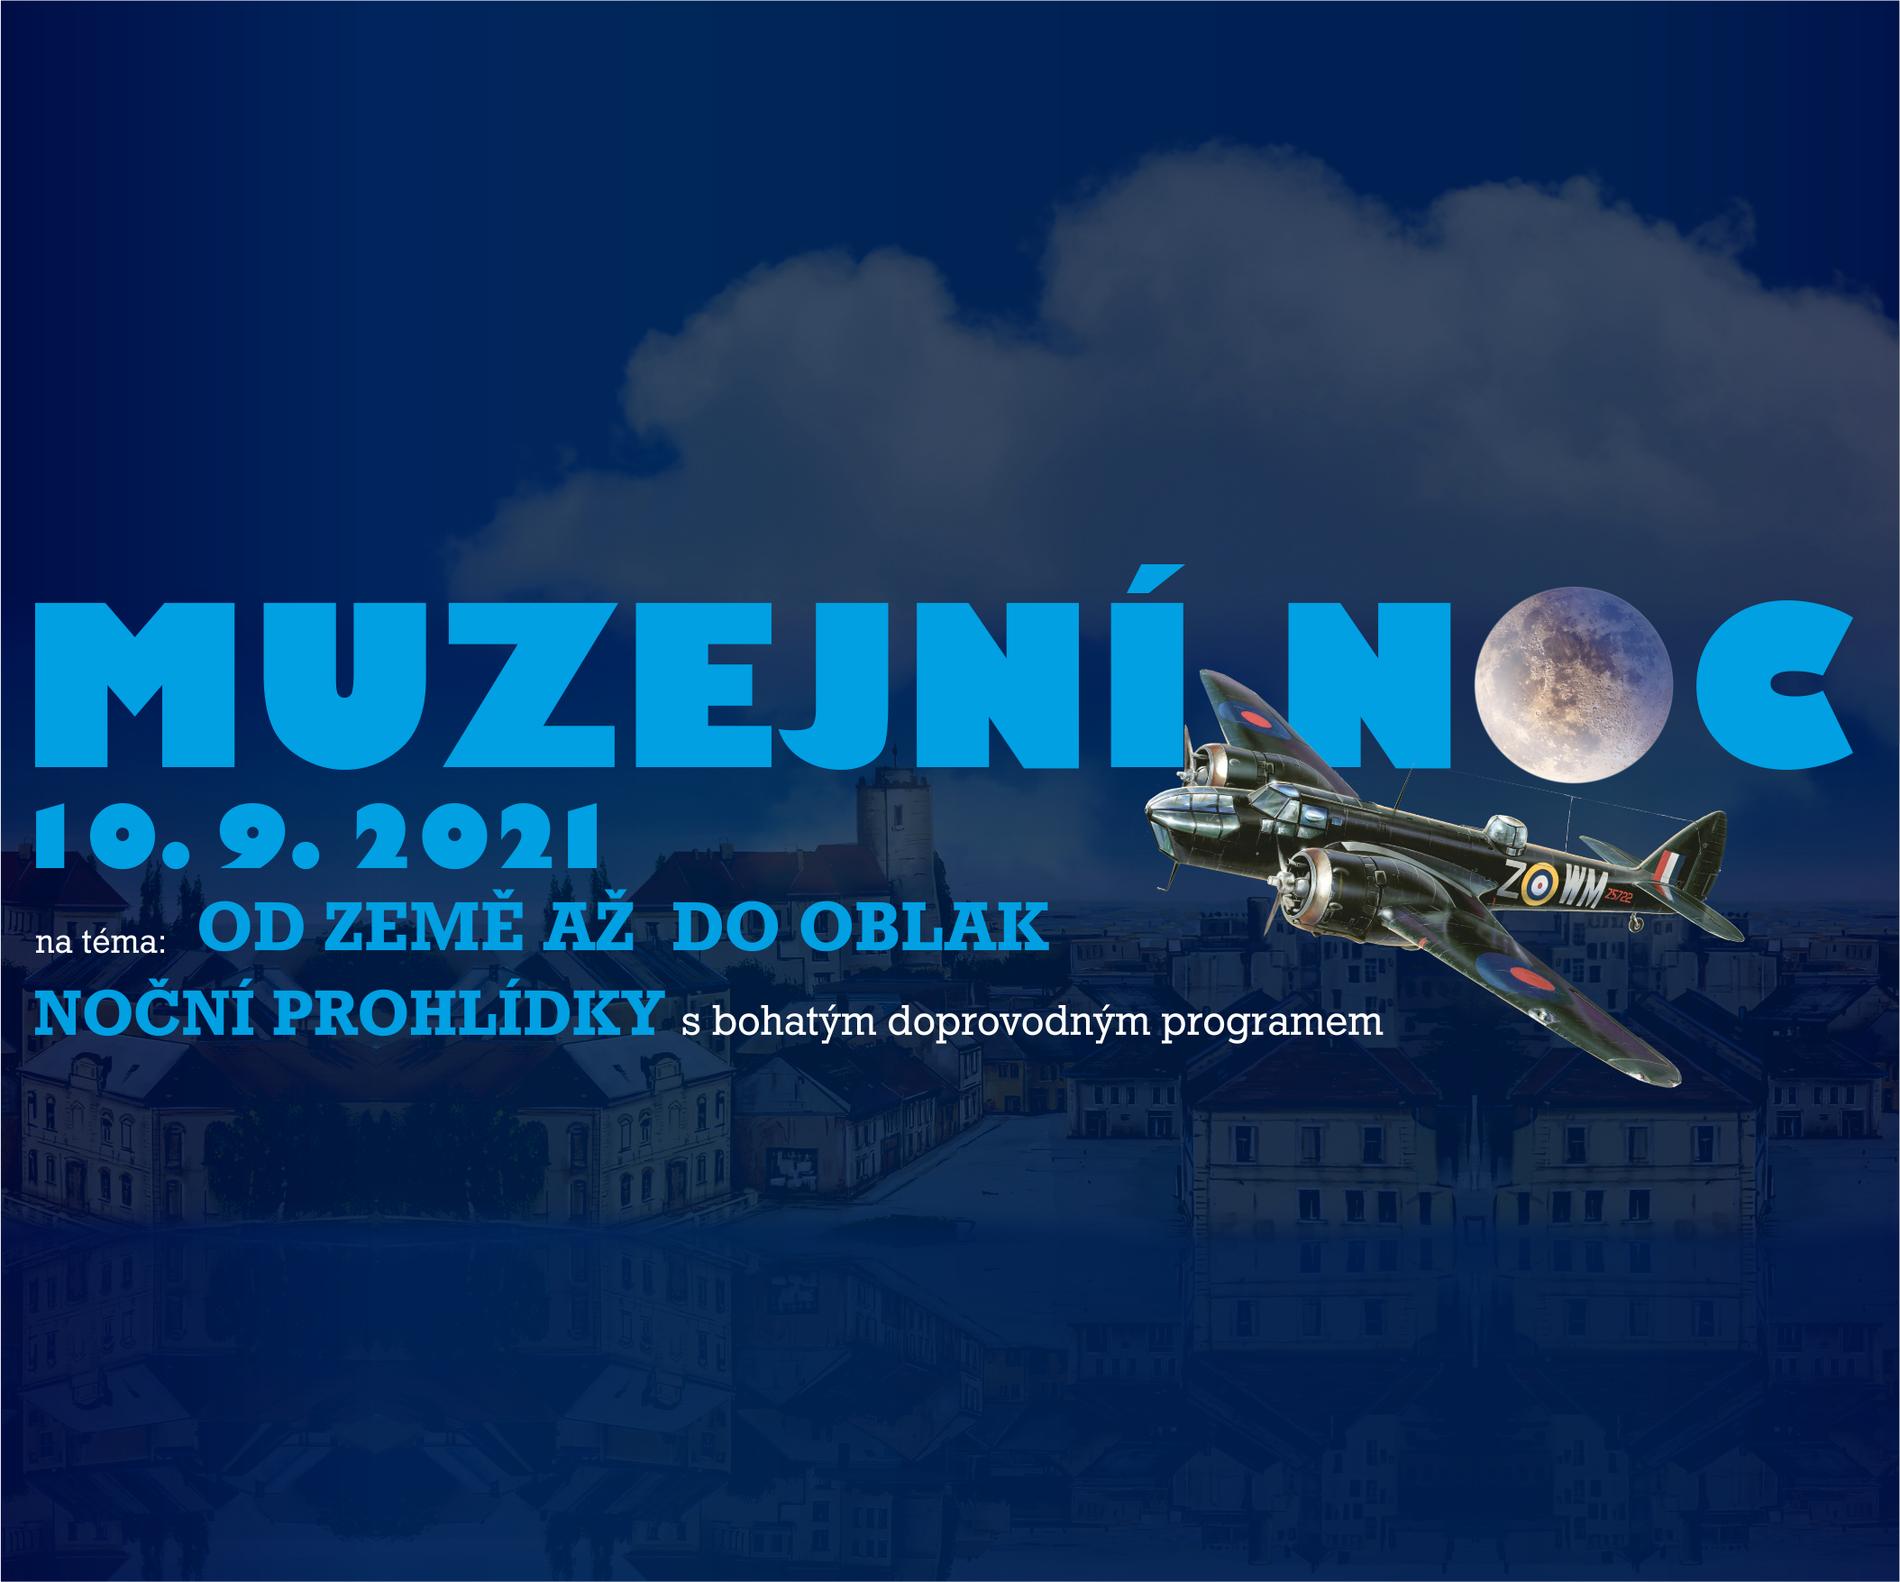 Muzejní noc 2021